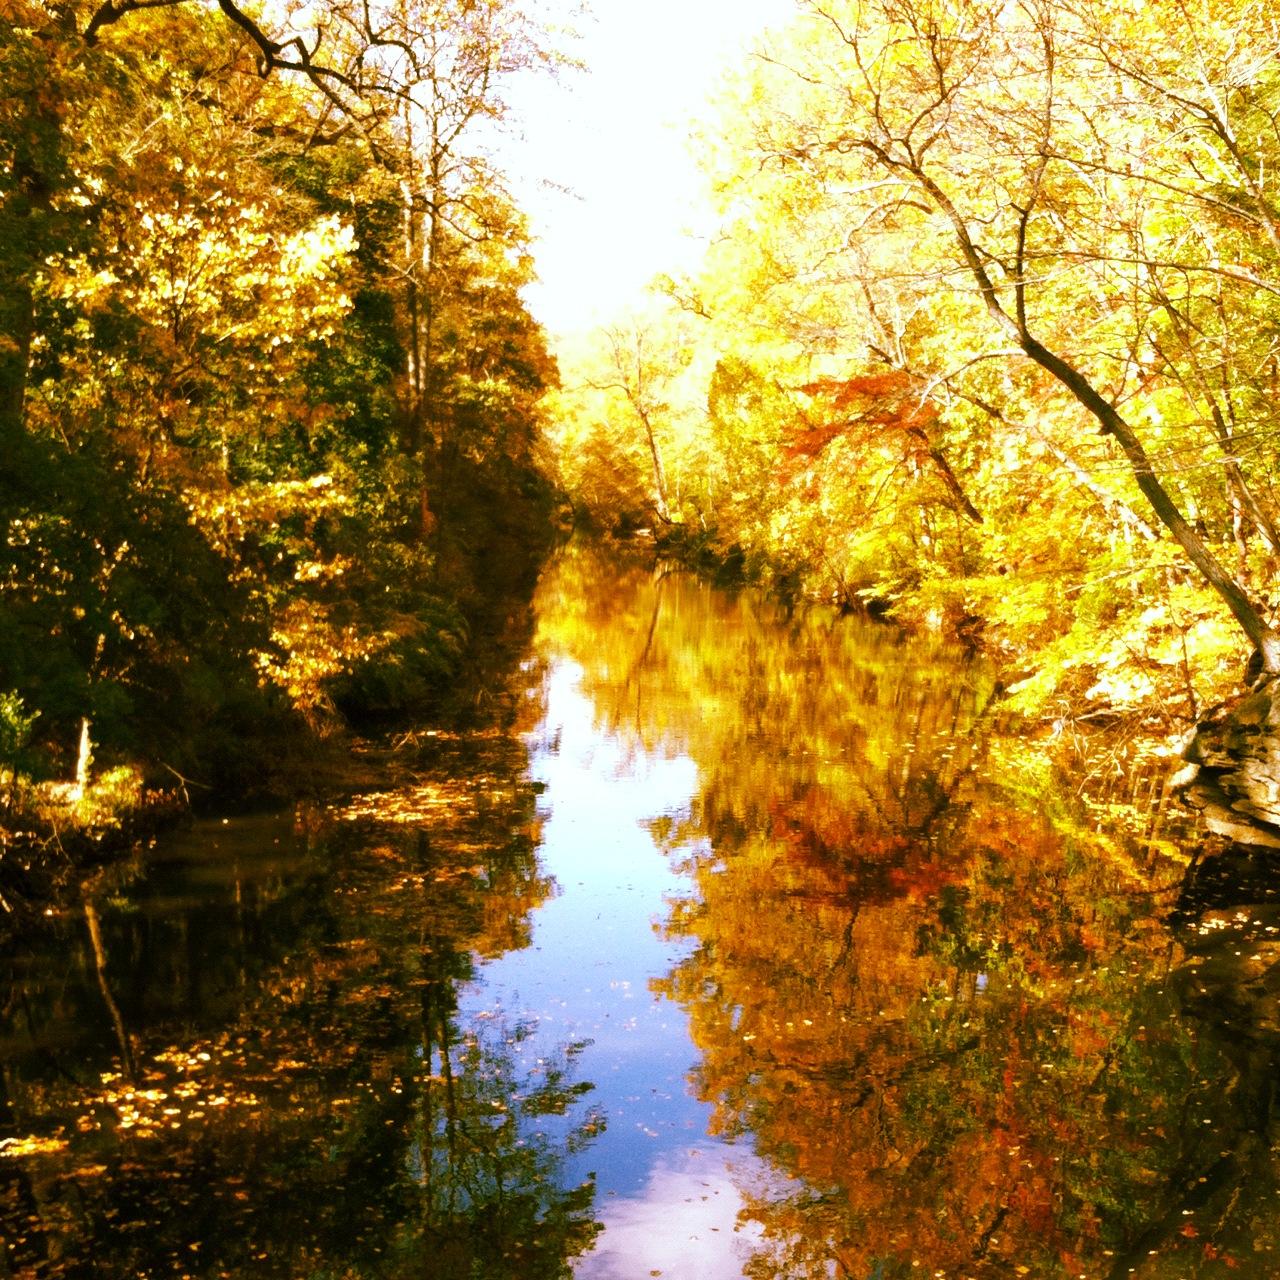 Beautiful Autumn Day Quotes. QuotesGram